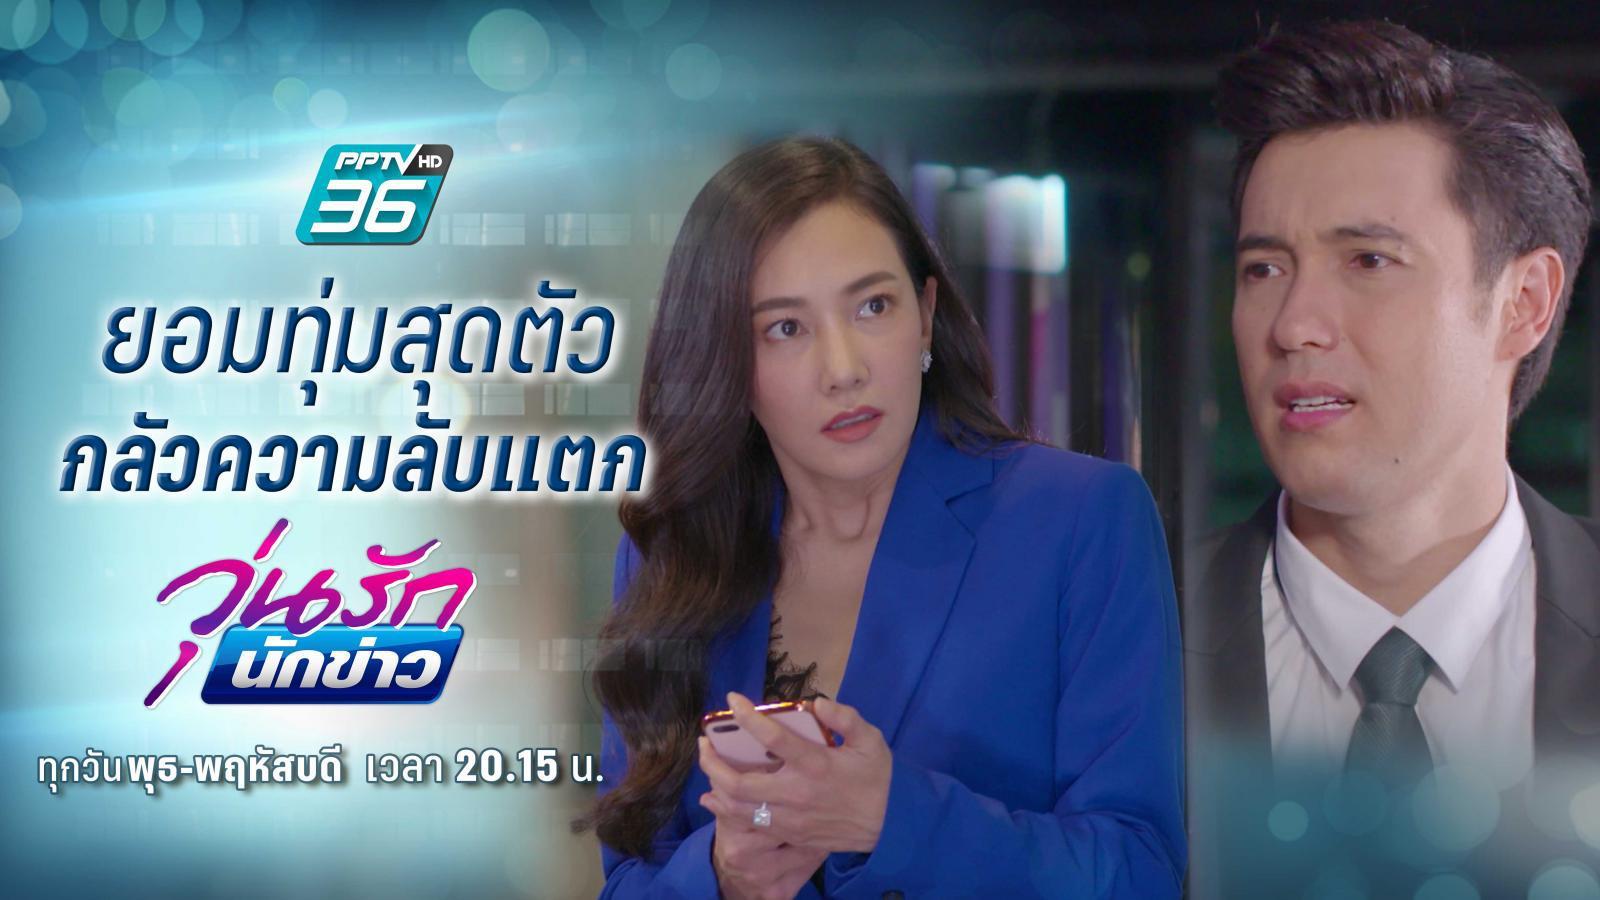 วุ่นรักนักข่าว EP.12 | ฟินสุด | ยอมทุ่มสุดตัว กลัวความจริงเปิดเผย!  | PPTV HD 36